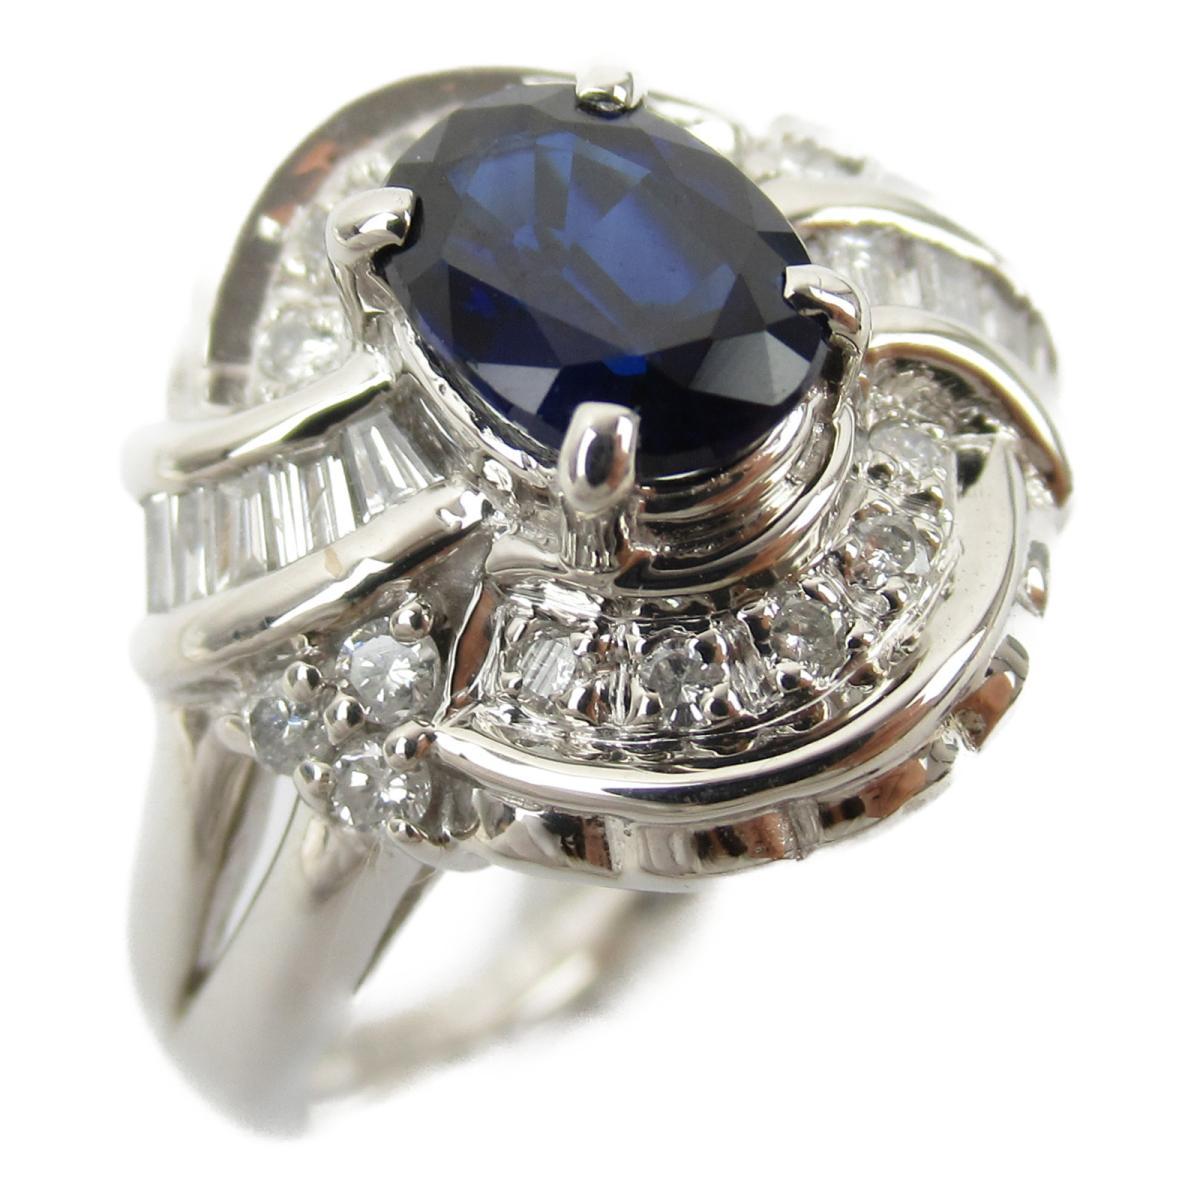 ジュエリー サファイア ダイヤモンド リング 指輪 ノーブランドジュエリー レディース PT900 プラチナ x サファイア1.02/ダイヤモンド0.36ct 【中古】 | JEWELRY BRANDOFF ブランドオフ アクセサリー